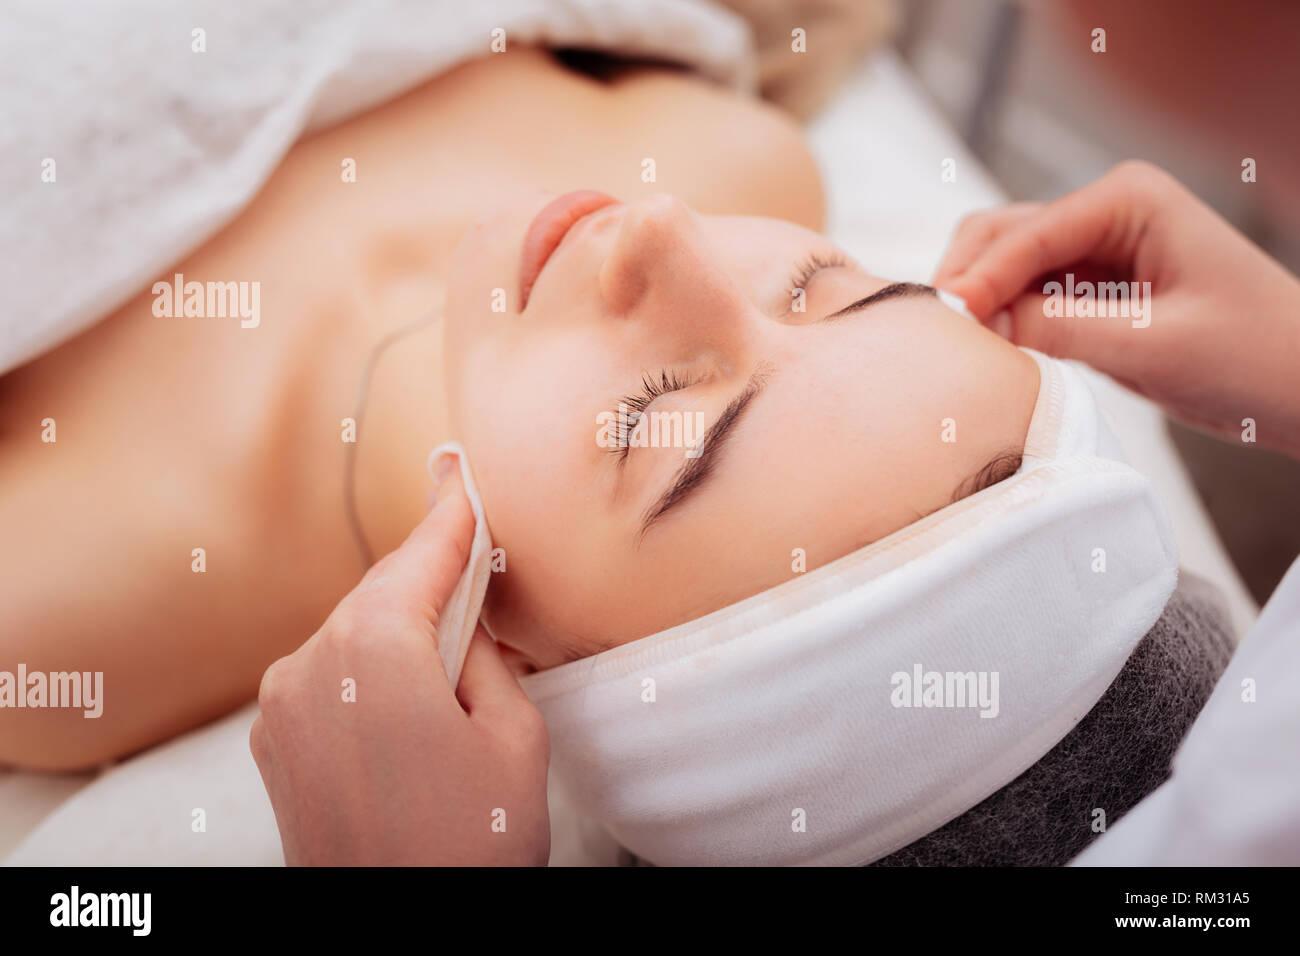 Nette gut aussehende Frau Besuch einer kosmetologie Klinik Stockbild